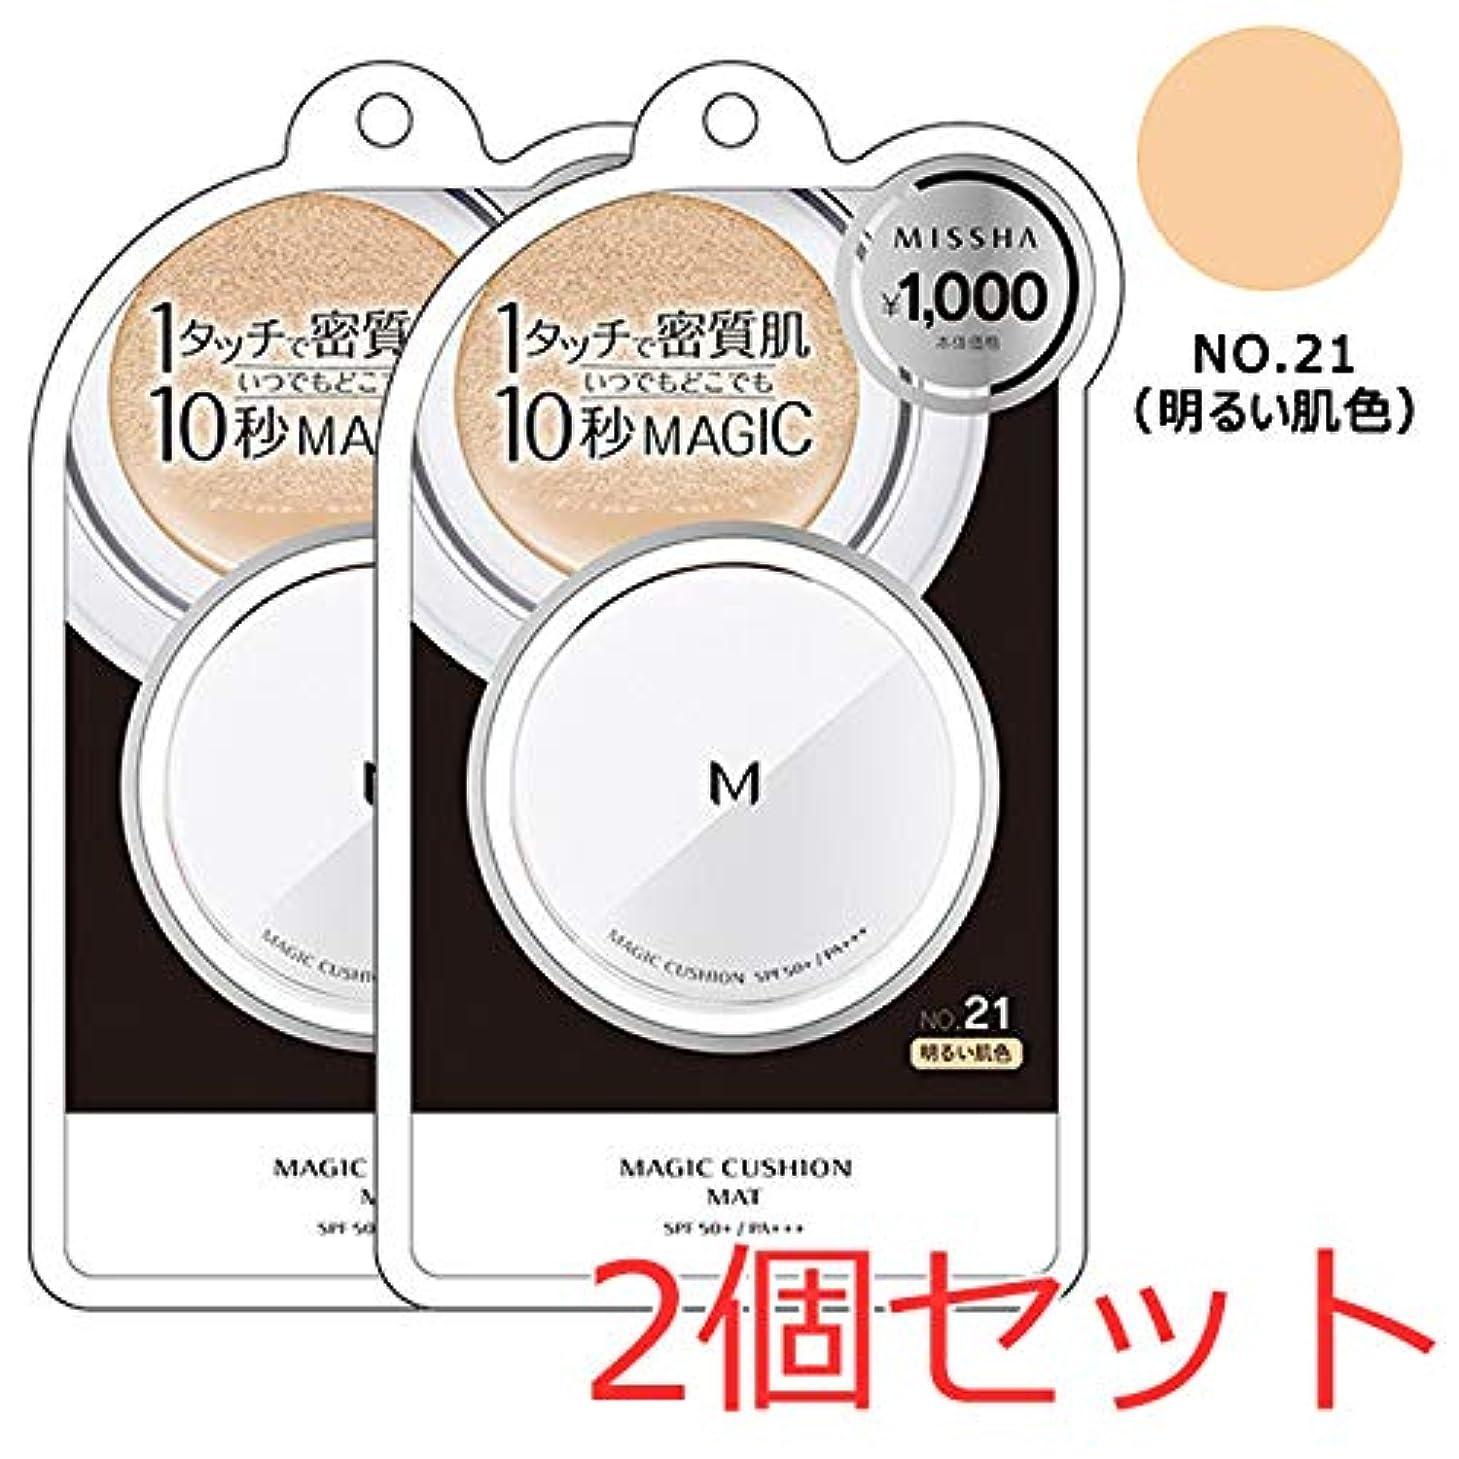 めまい活性化する男らしさミシャ M クッション ファンデーション (マット) No.21 明るい肌色 2個セット